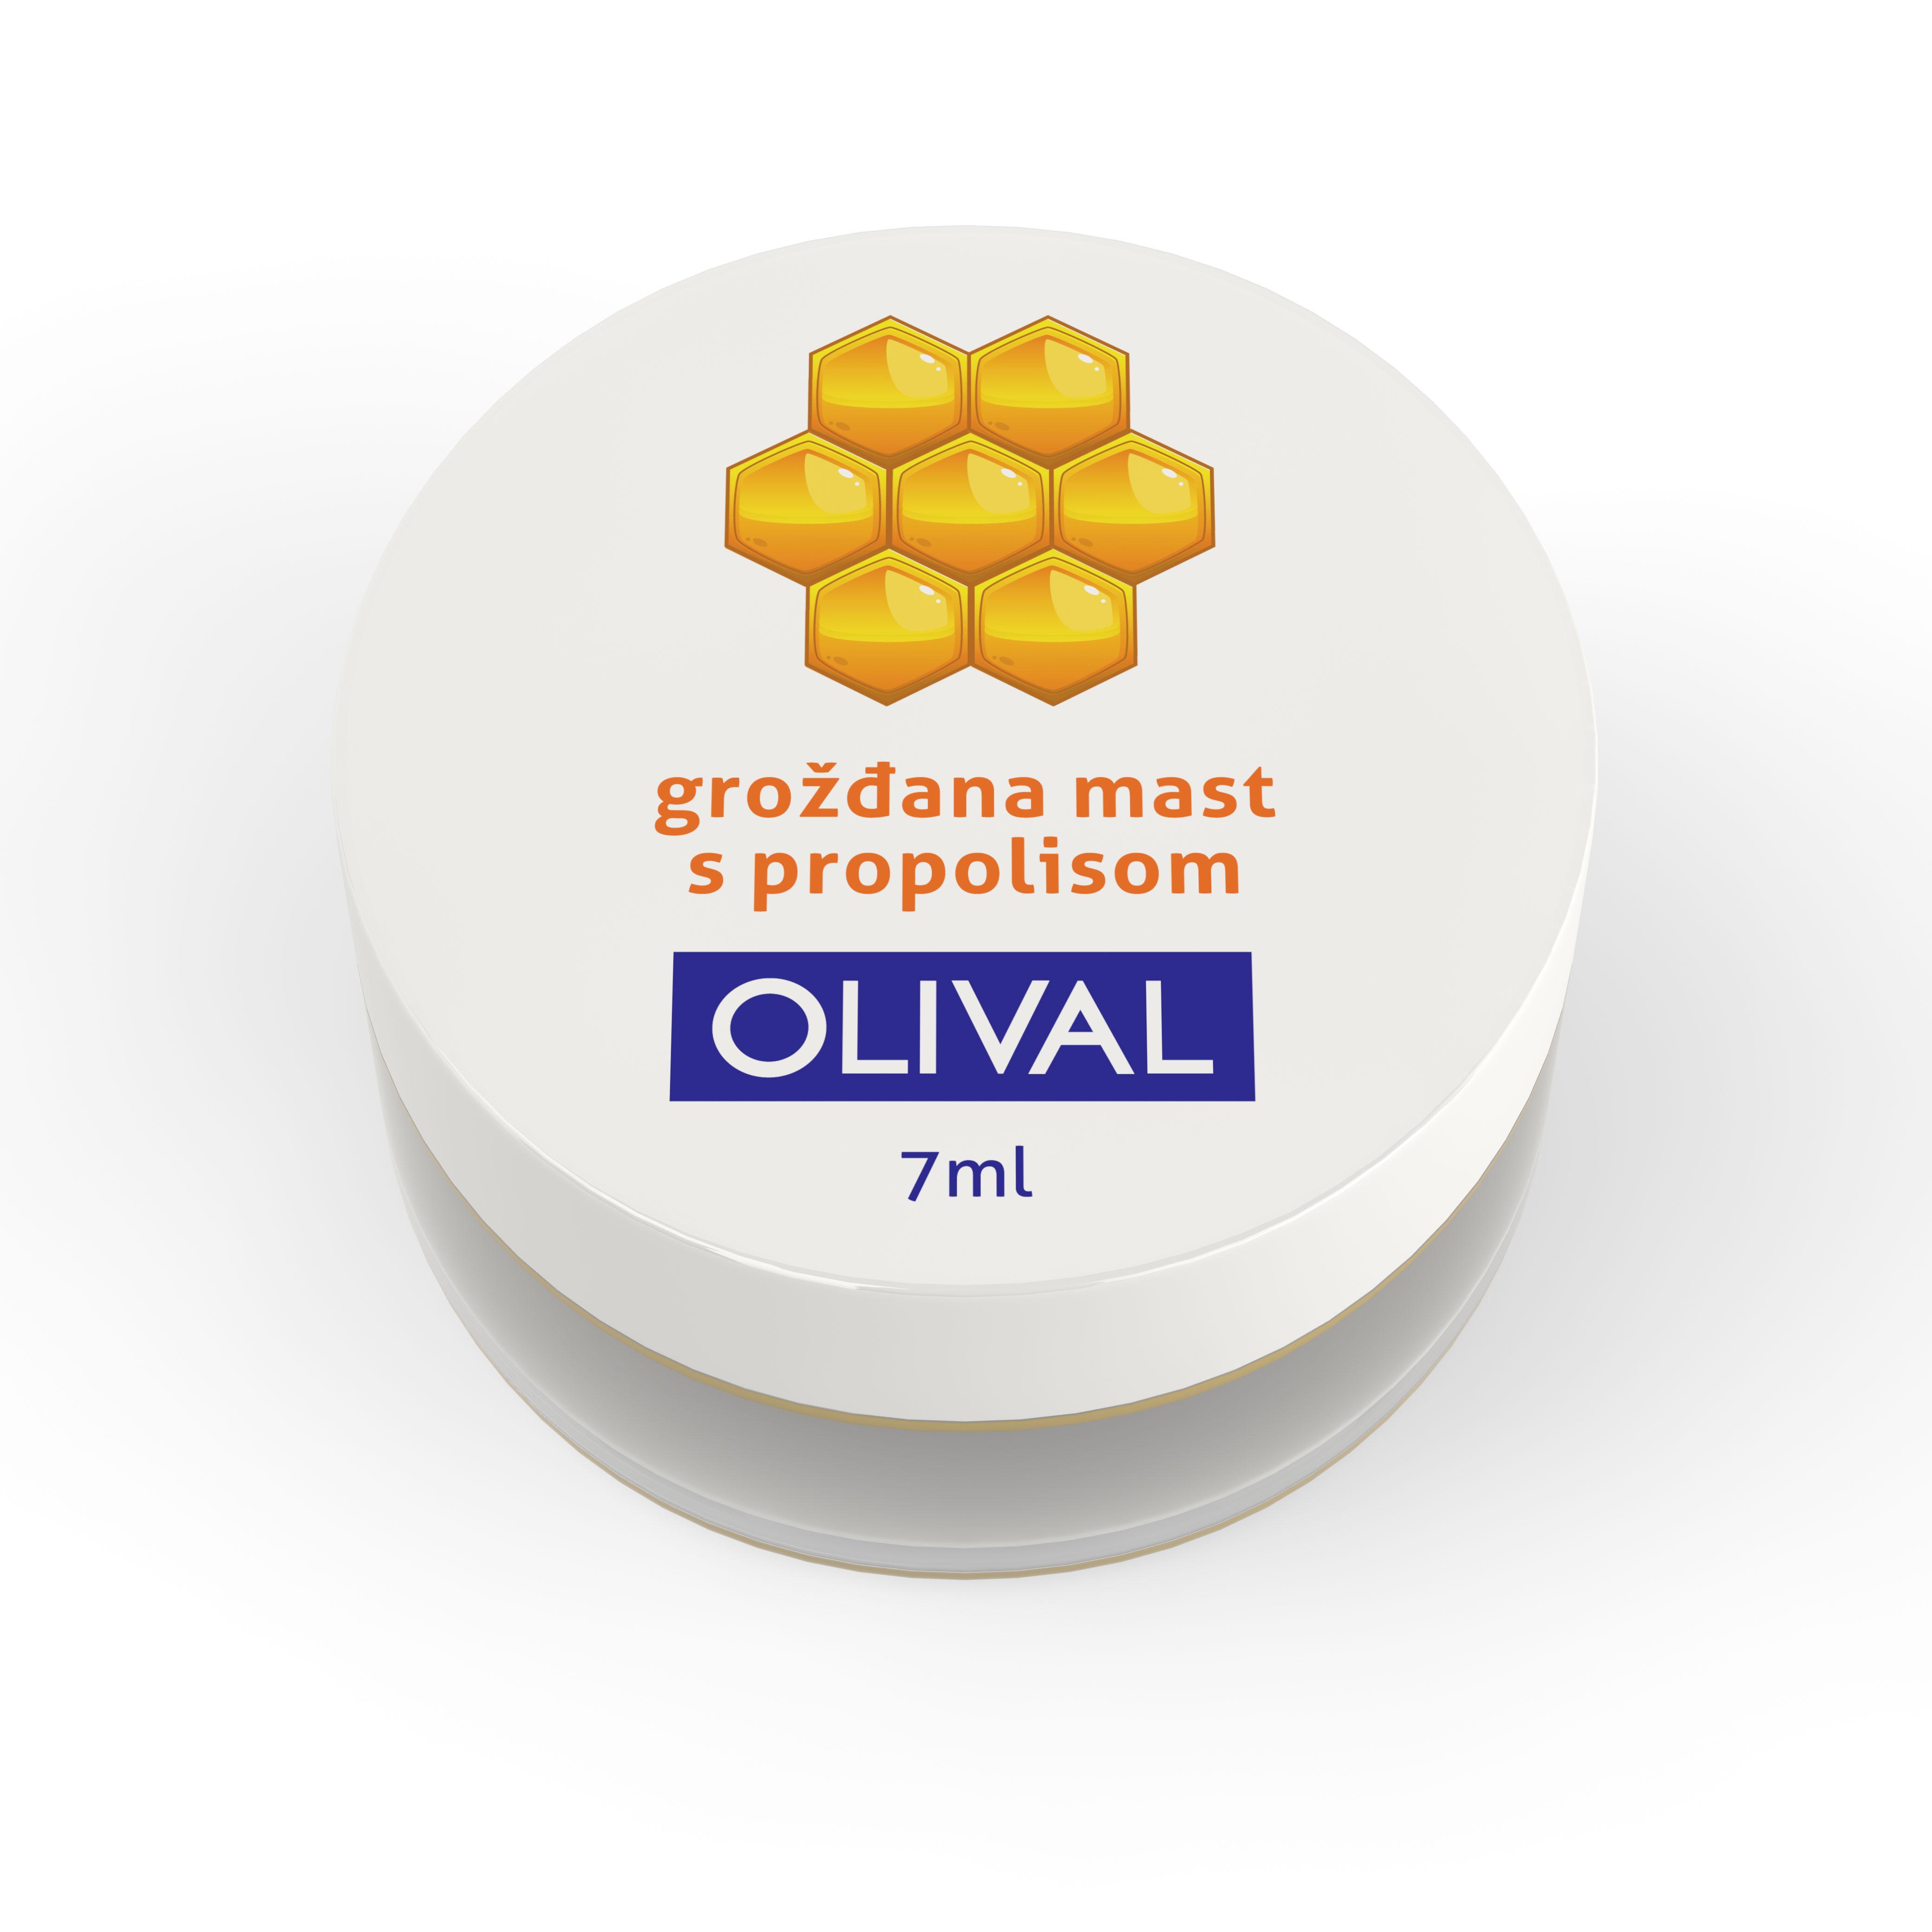 gmast-propolis-004